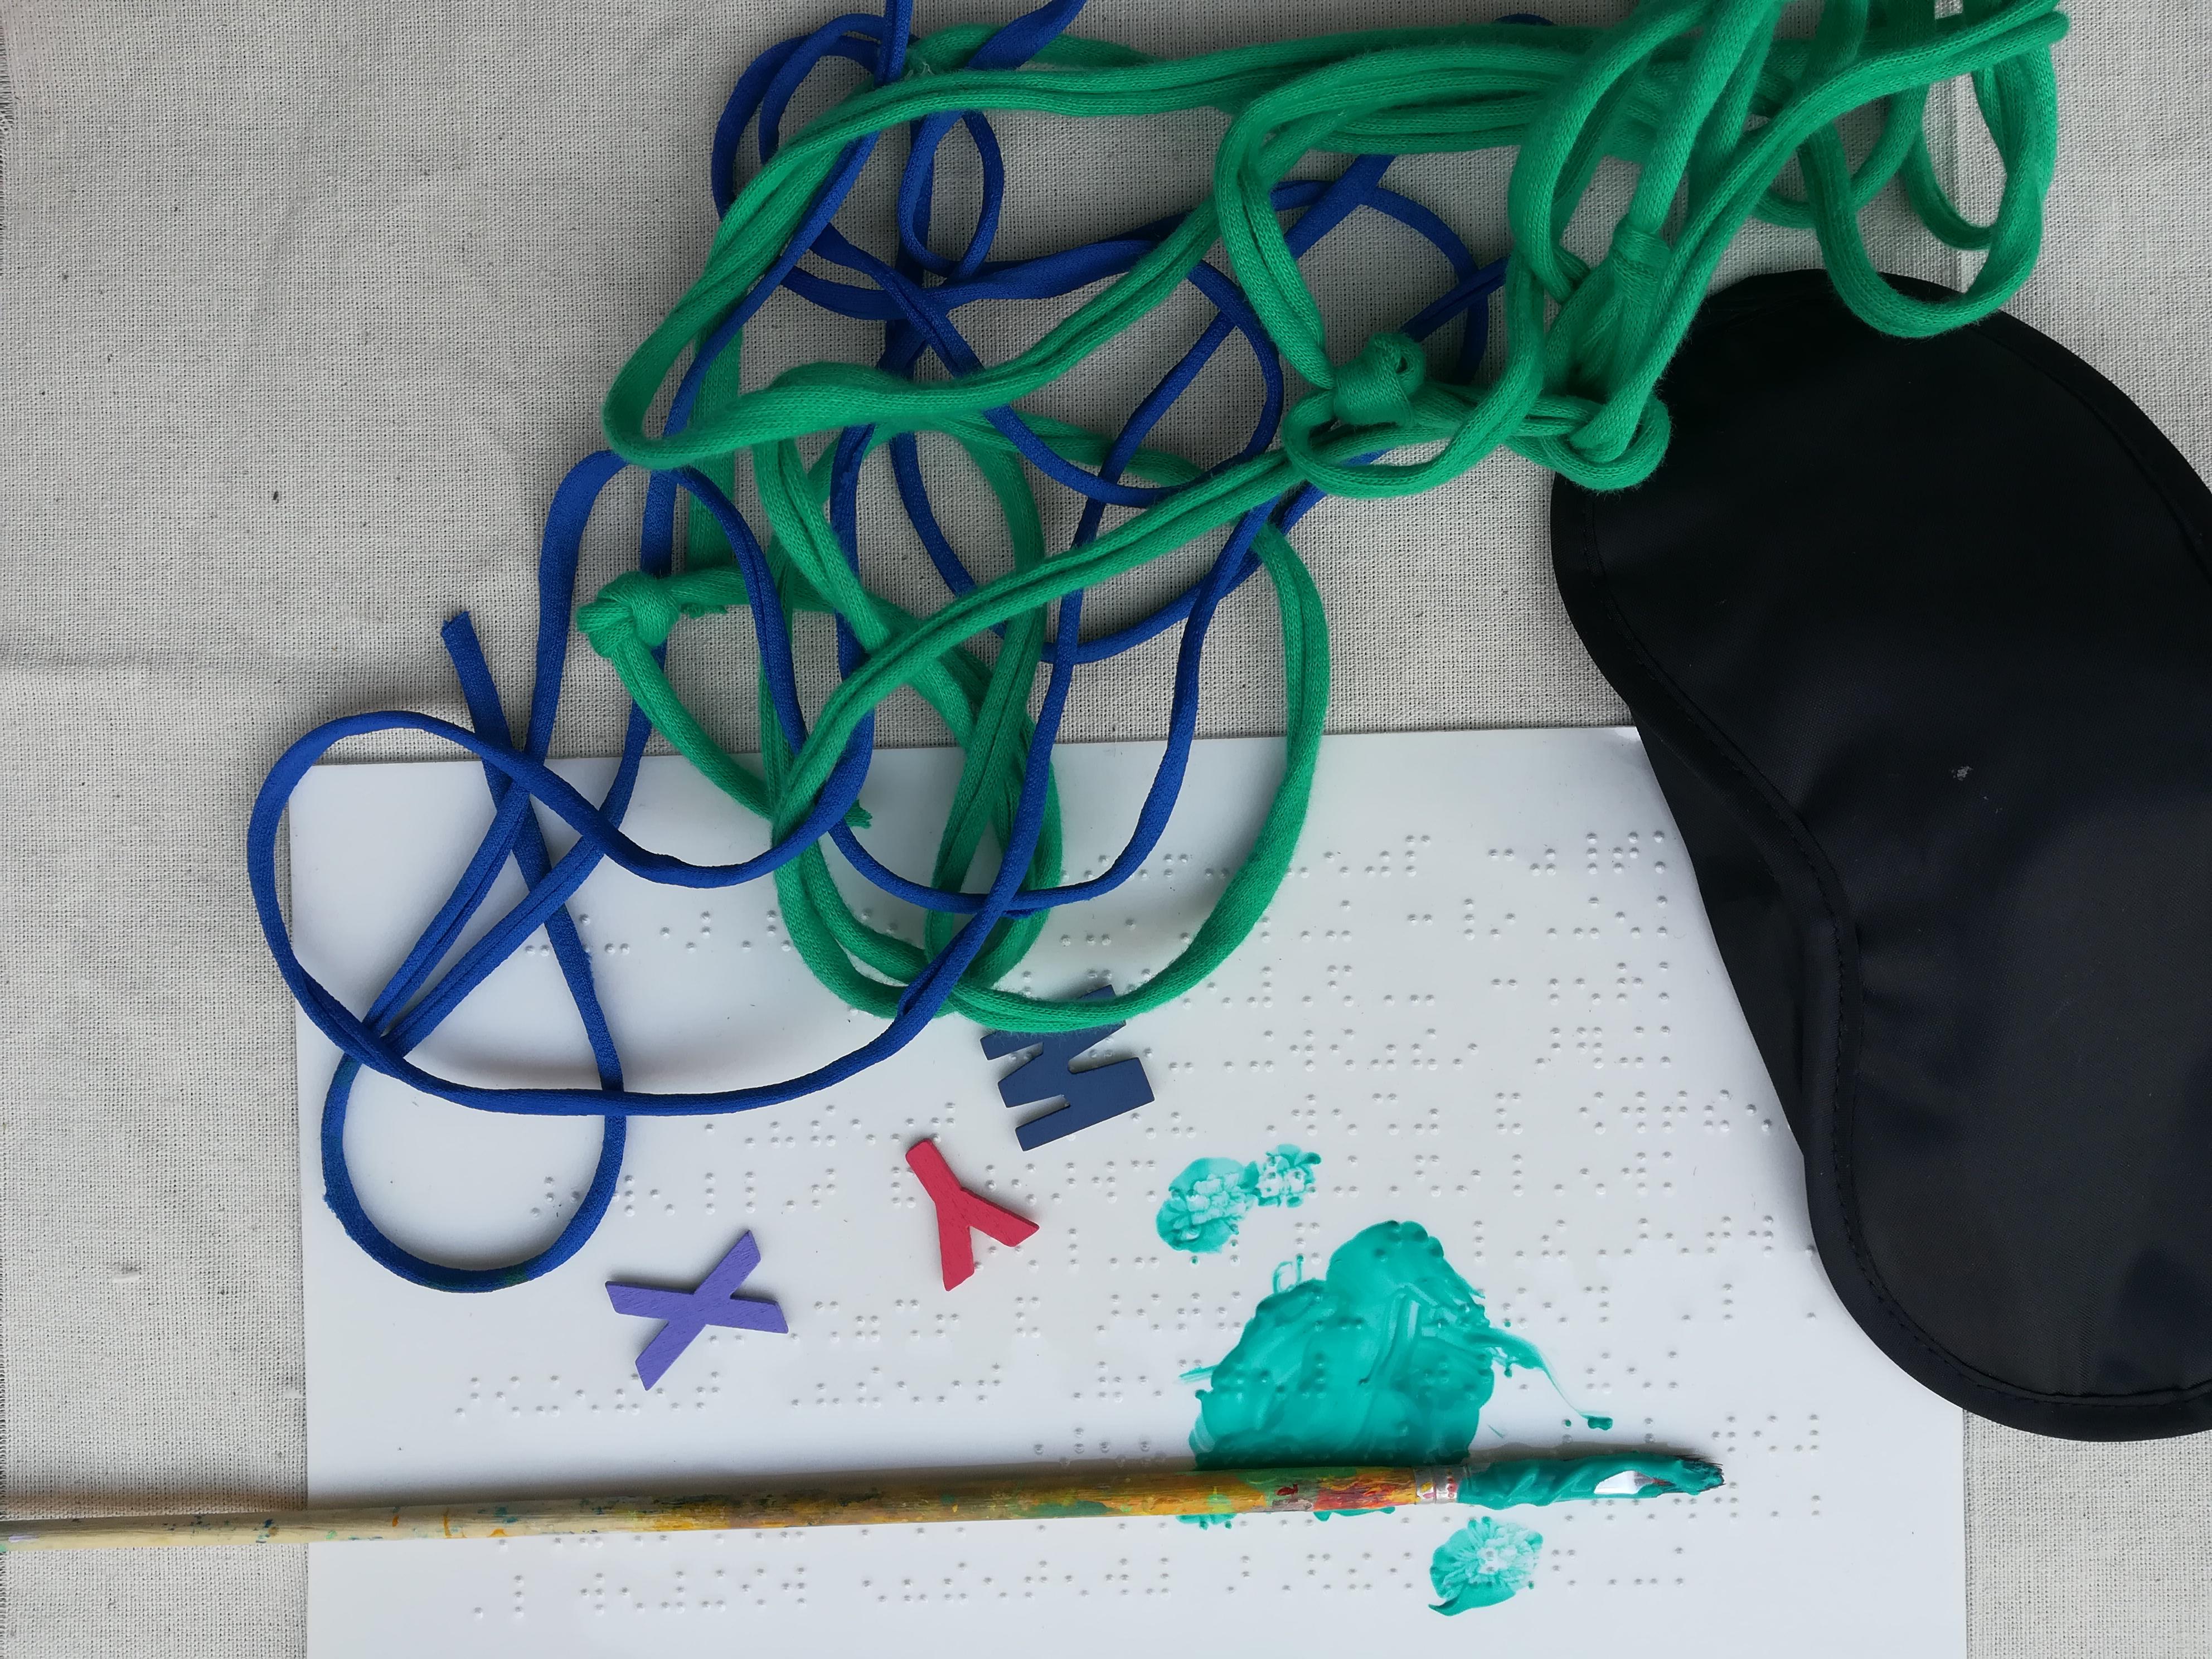 Vista superior de un globo, cuerdas de colores, un pincel y un papel con acuarelas.